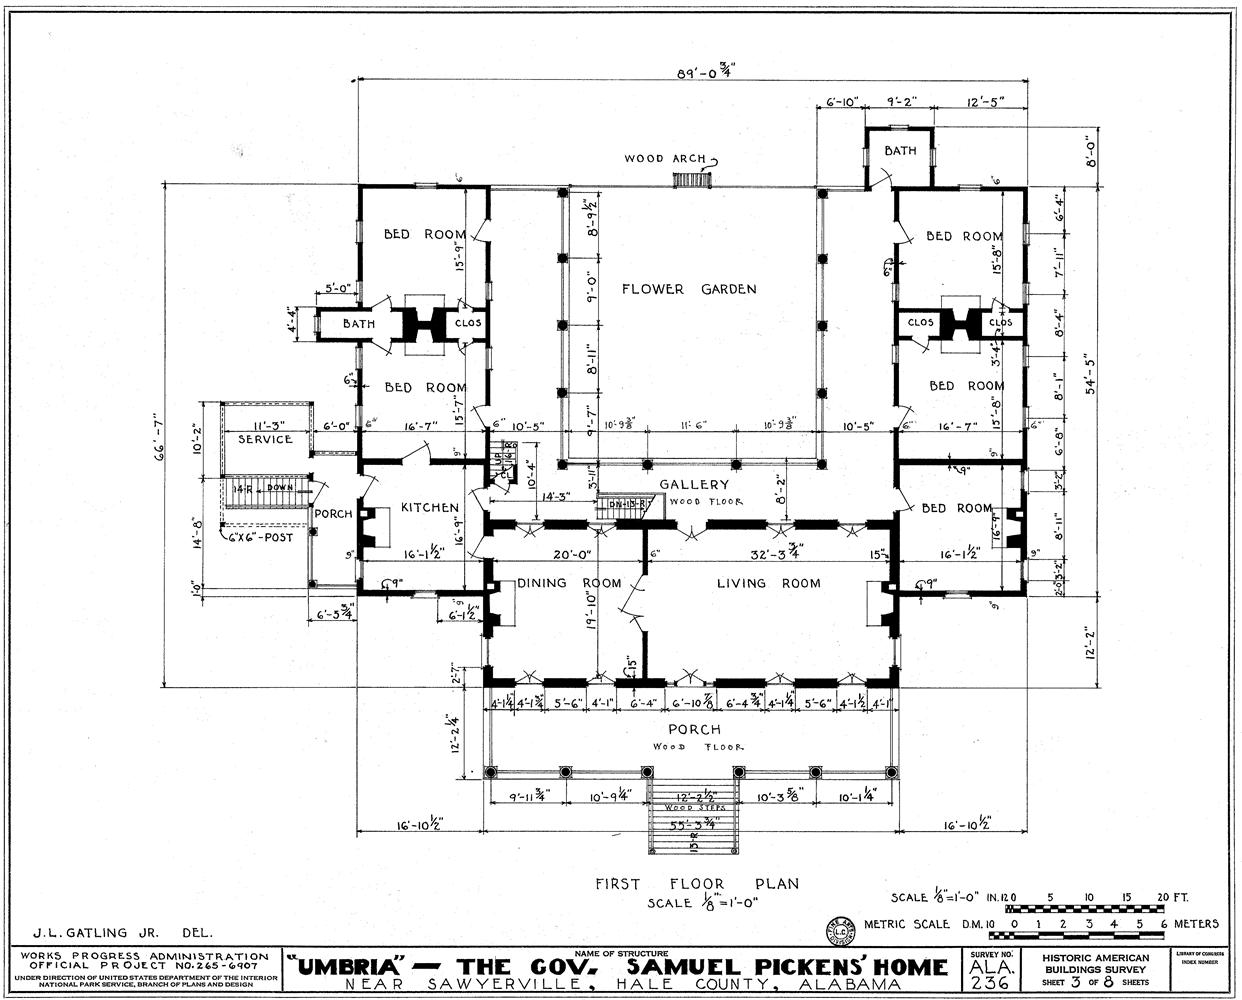 architectural floor plans description umbria plantation architectural plan of main floorpng floor plans 2 pinterest architectural floor plans